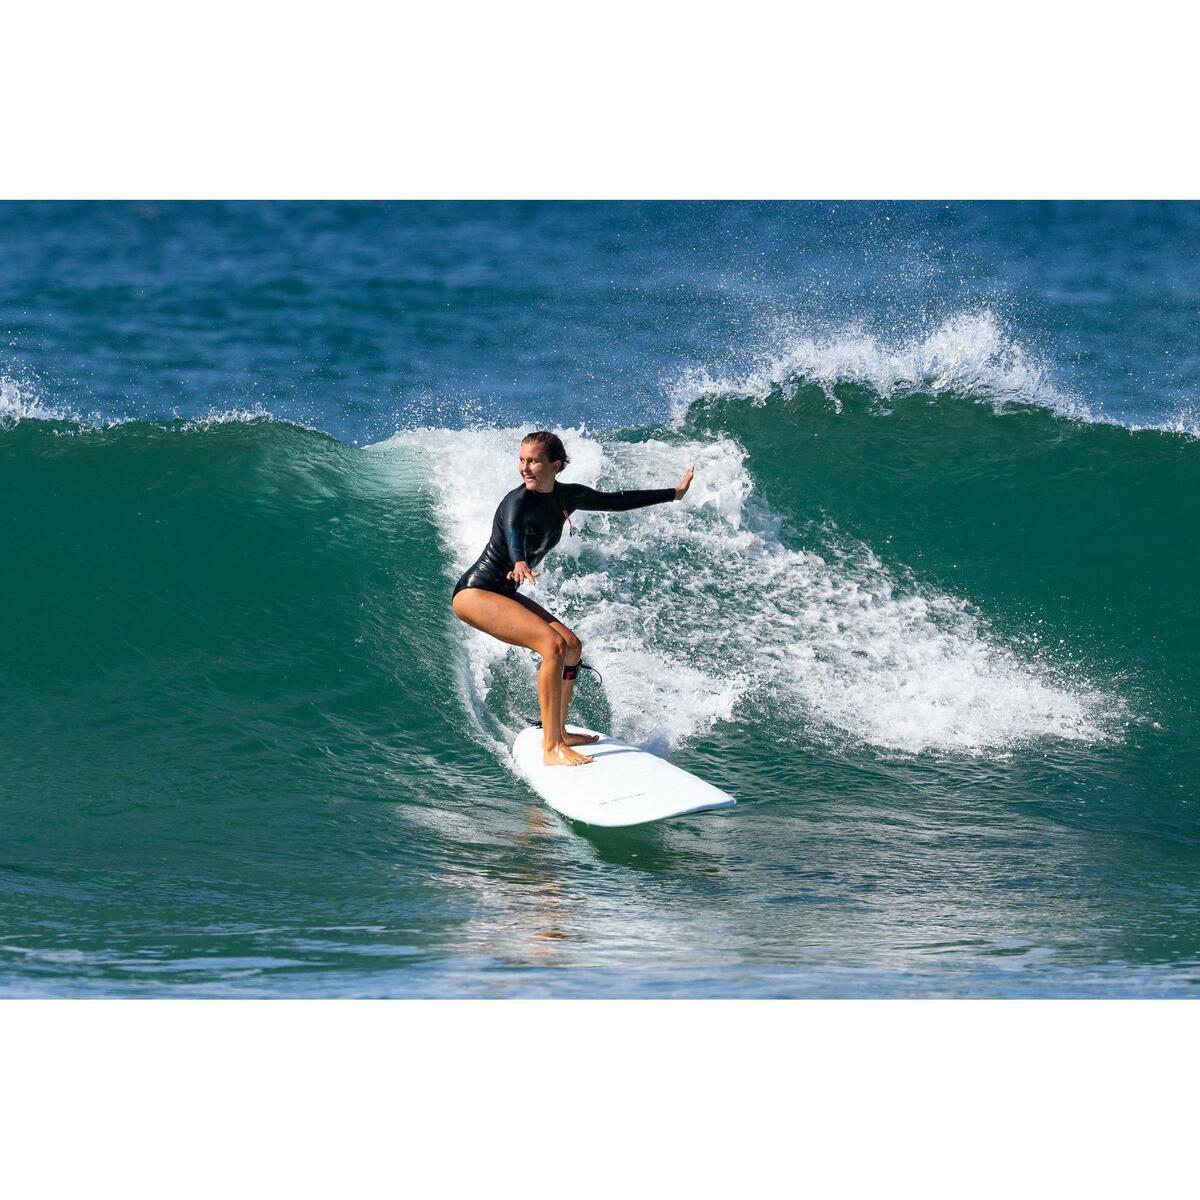 Bild 2 von Neoprenshorty Langarm Surfen 900LS ohne Reißverschluss Damen schwarz